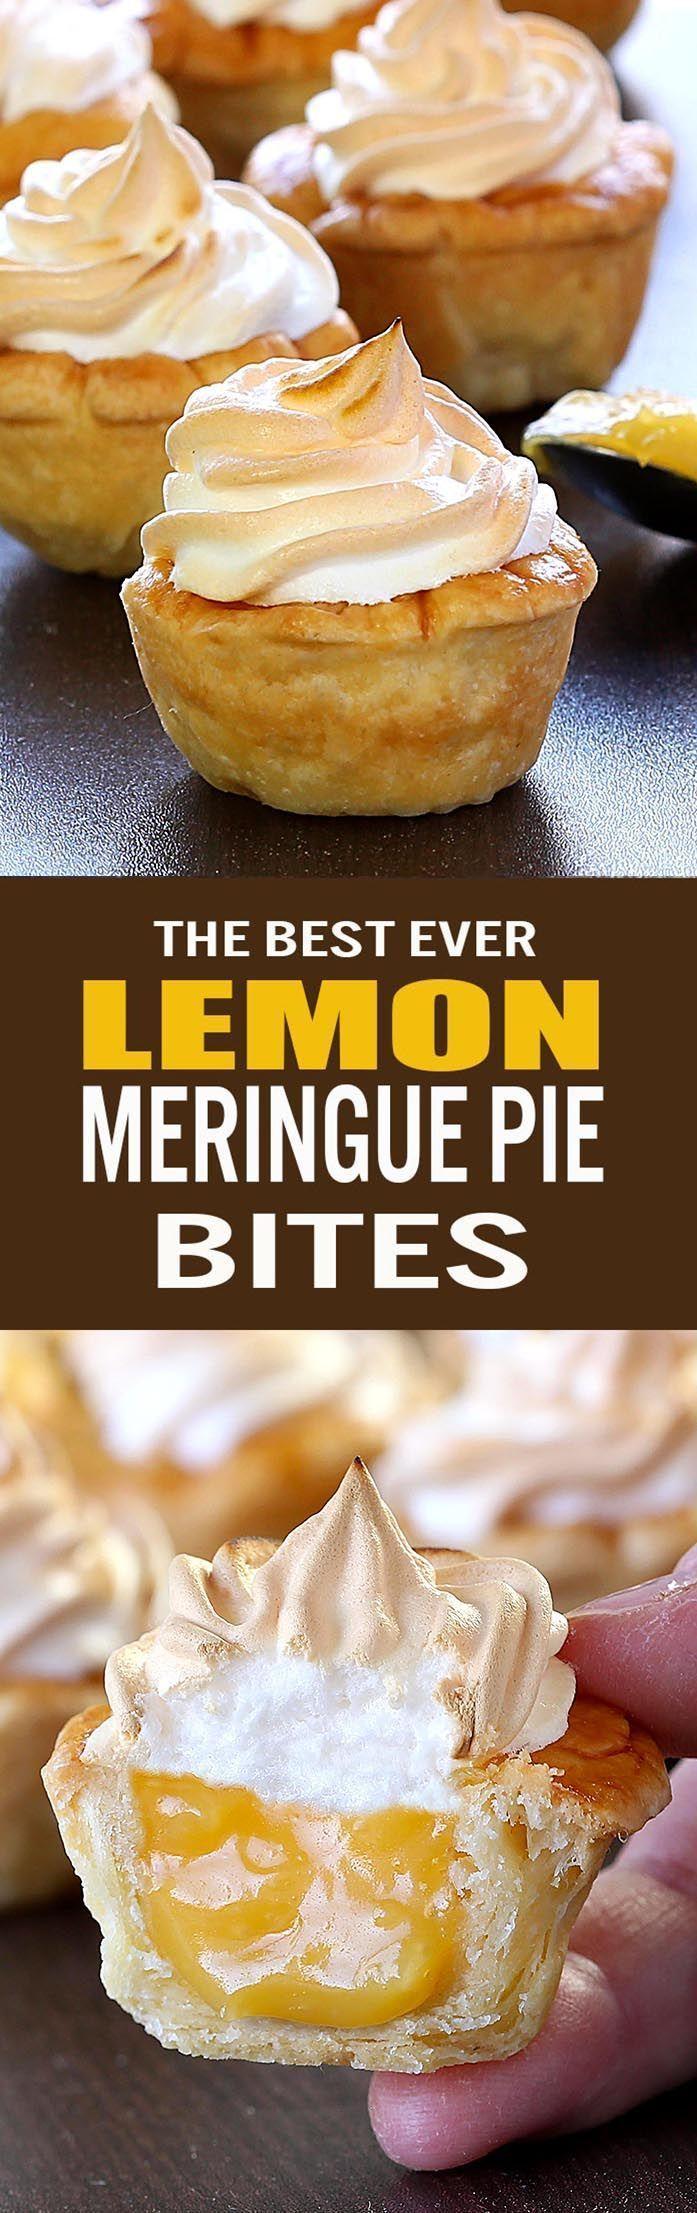 Desserts, Lemon meringue pie, Pie bites, Meringue pie, Lemon meringue, Meringue - Lemon Meringue Pie Bites - #Desserts #lemonmeringuepie Desserts, Lemon meringue pie, Pie bites, Meringue pie, Lemon meringue, Meringue - Lemon Meringue Pie Bites - #Desserts #lemonmeringuepie